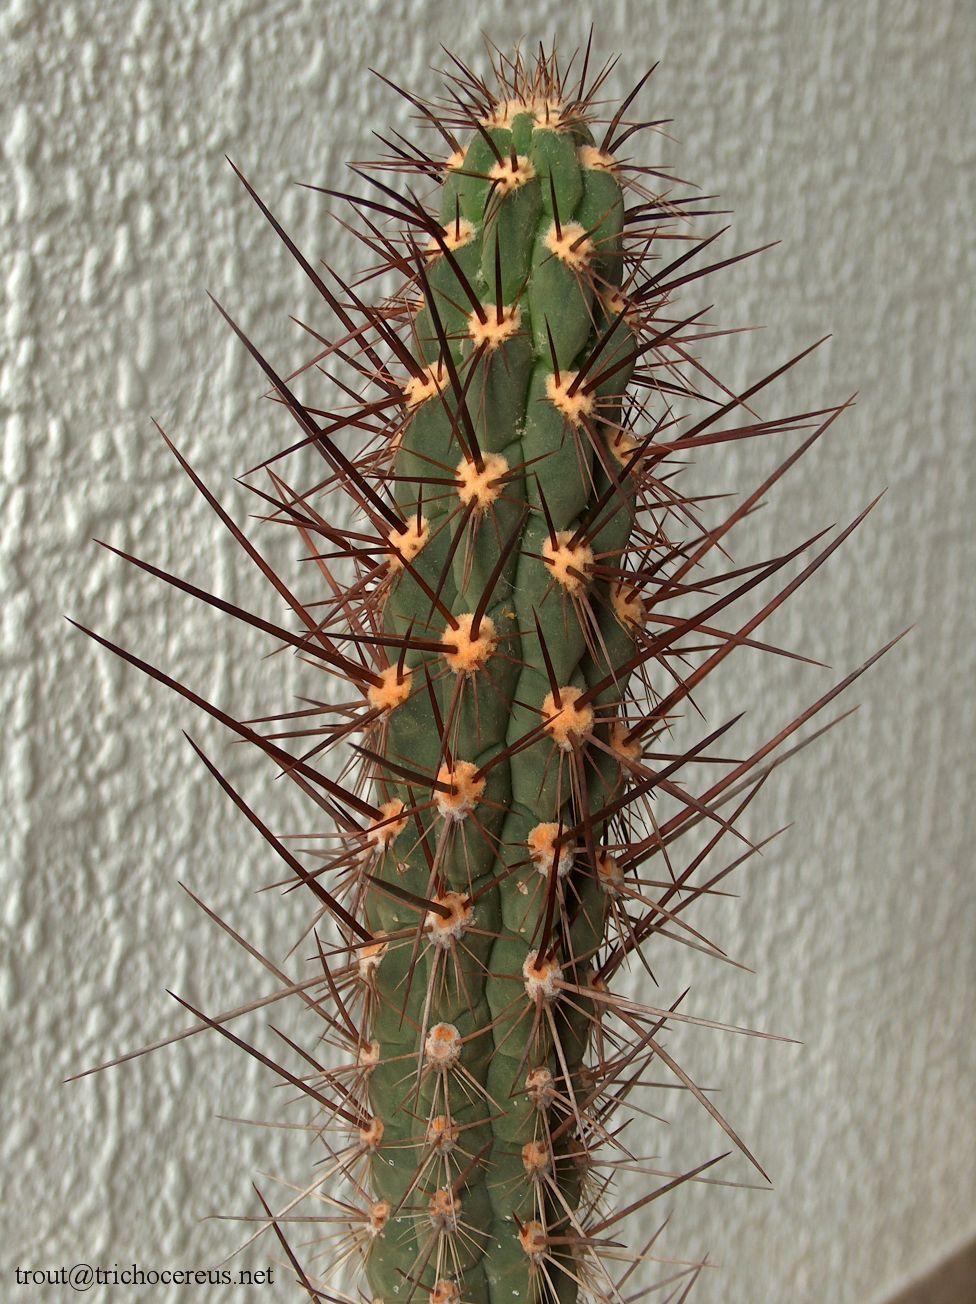 Trichocereus Deserticola / Echinopsis Deserticola - http://trichocereus.net/trichocereus-deserticola-deserticolus/